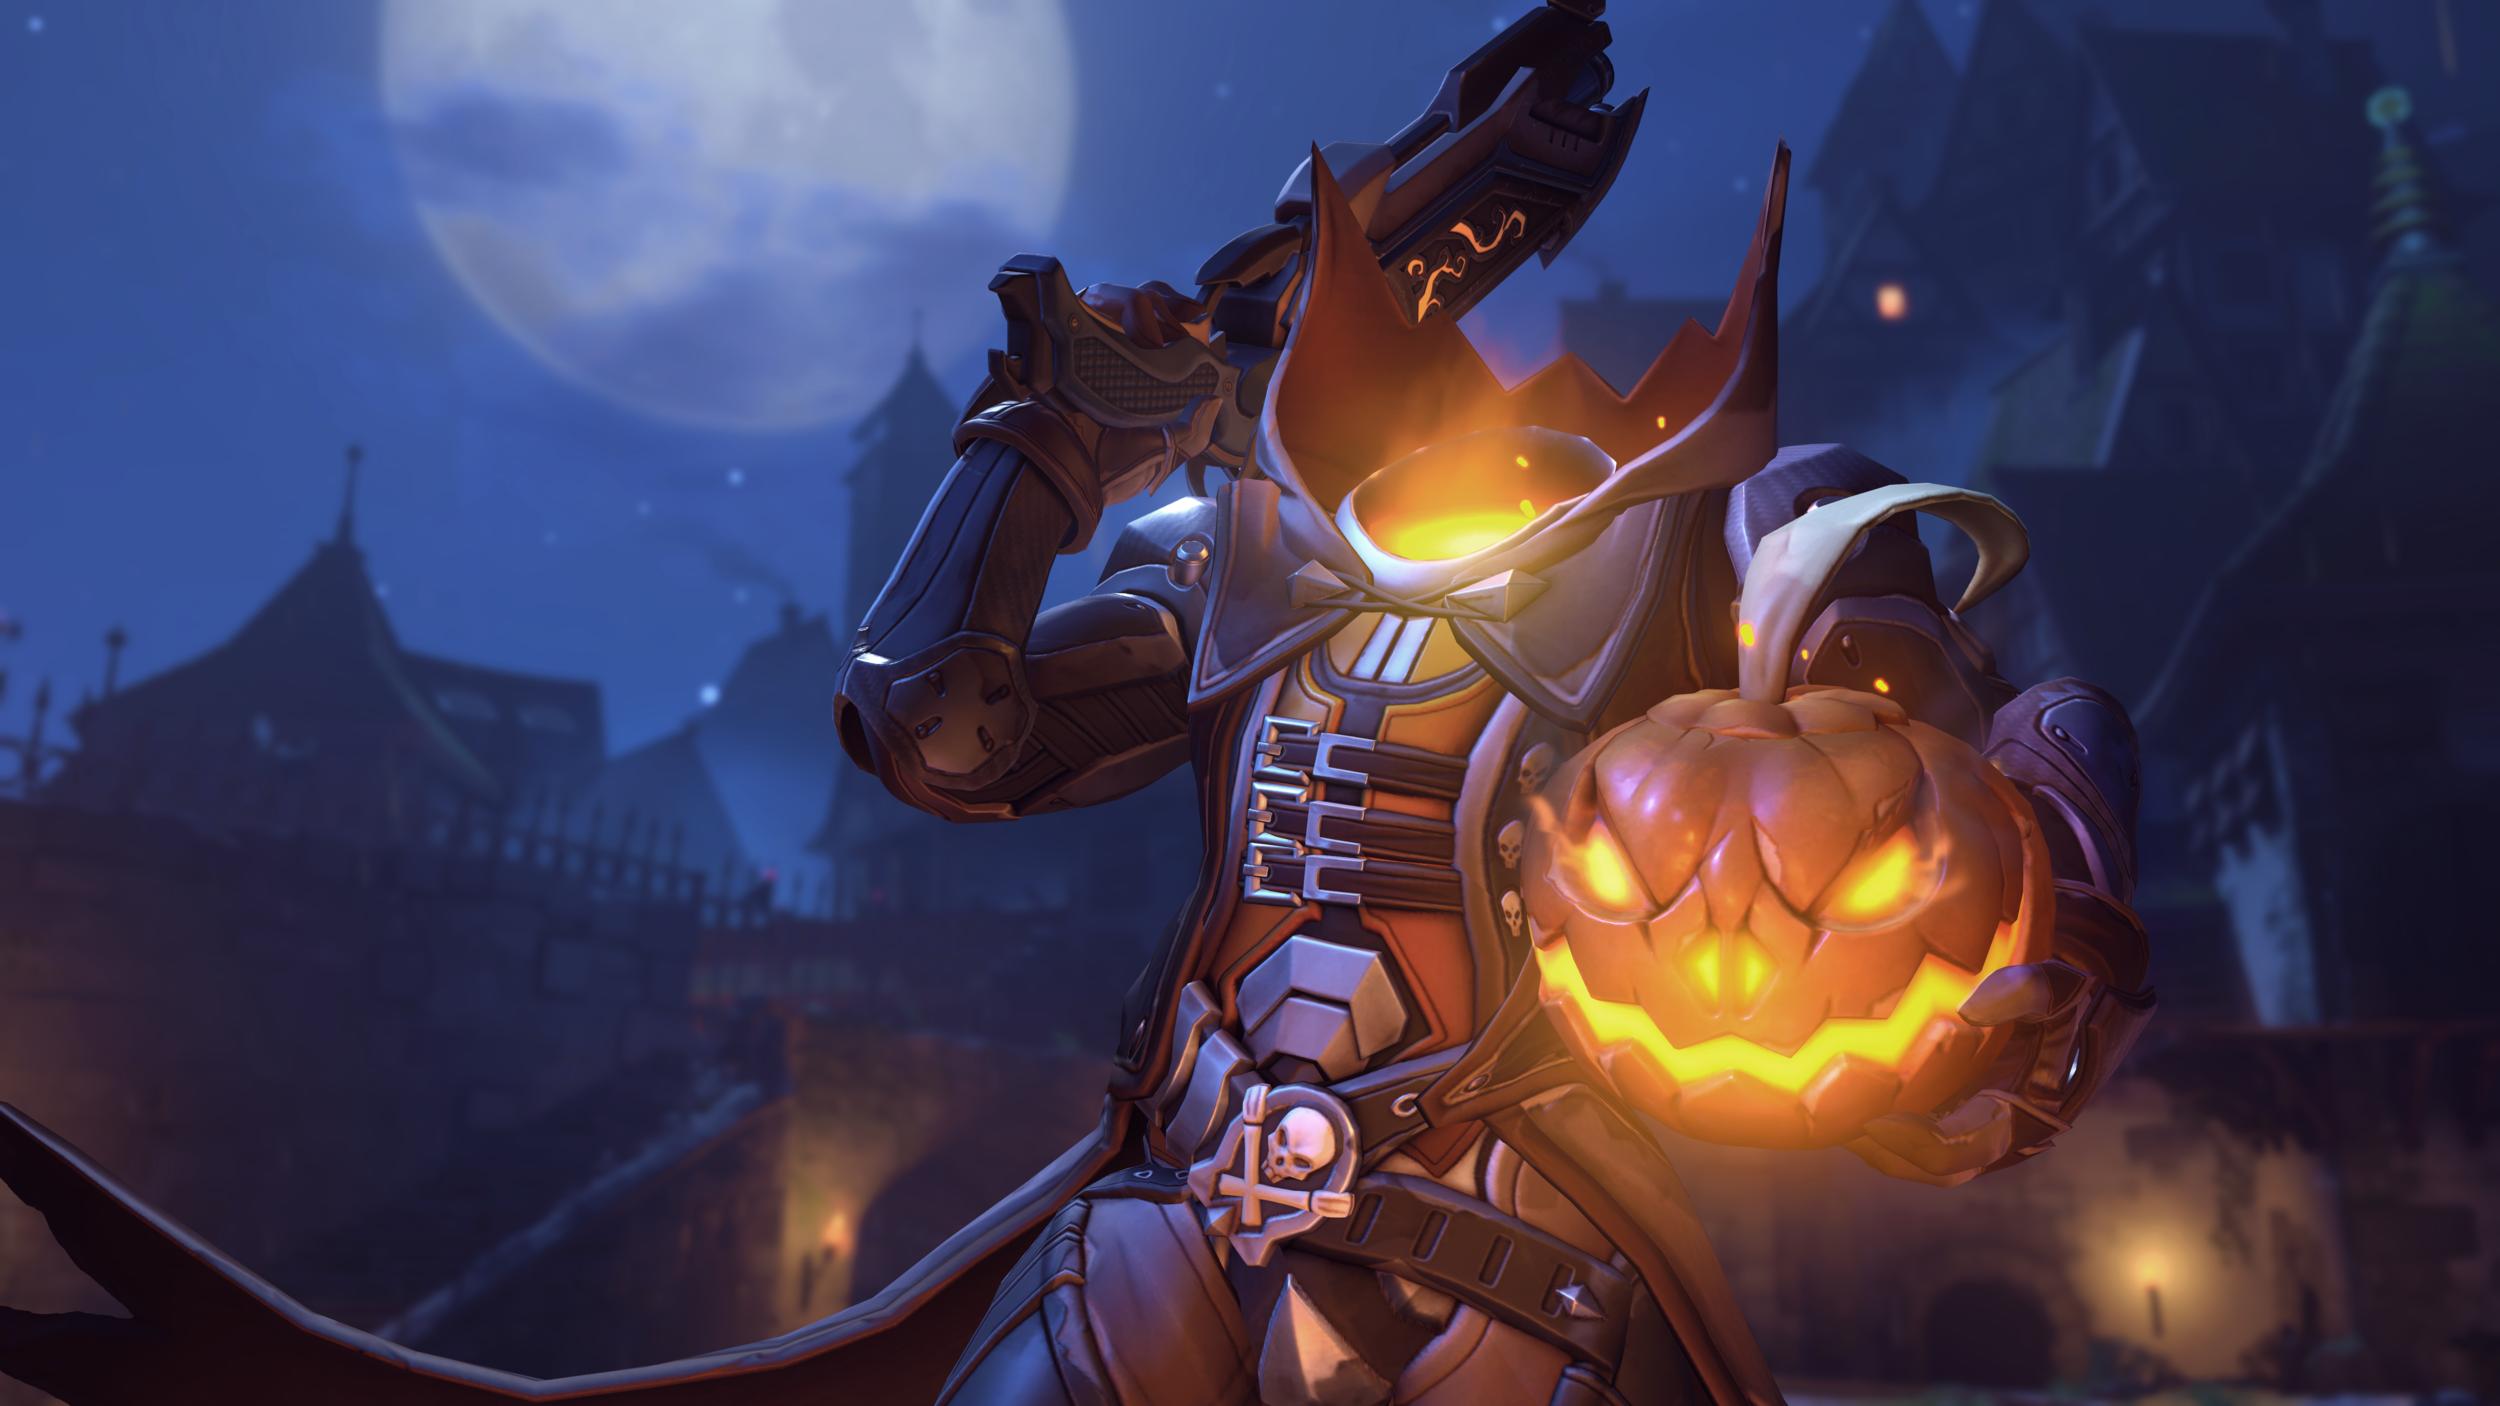 OW_HalloweenLogin_TG_002.png